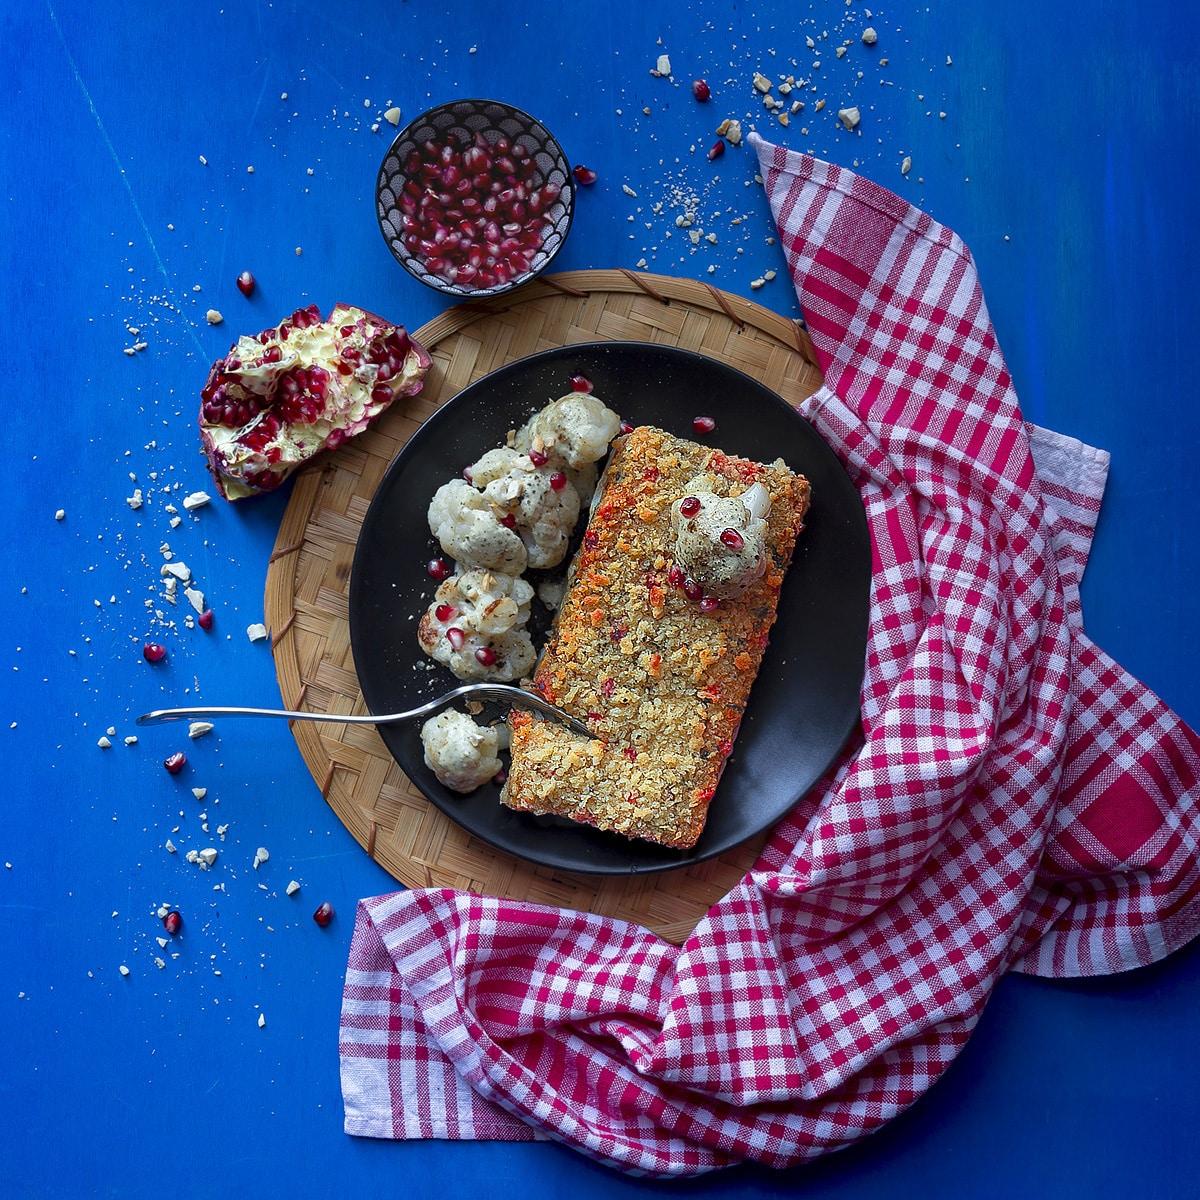 merluzzo-gratinato-con-pomodoro-e-basilico-findus-contemporaneo-food